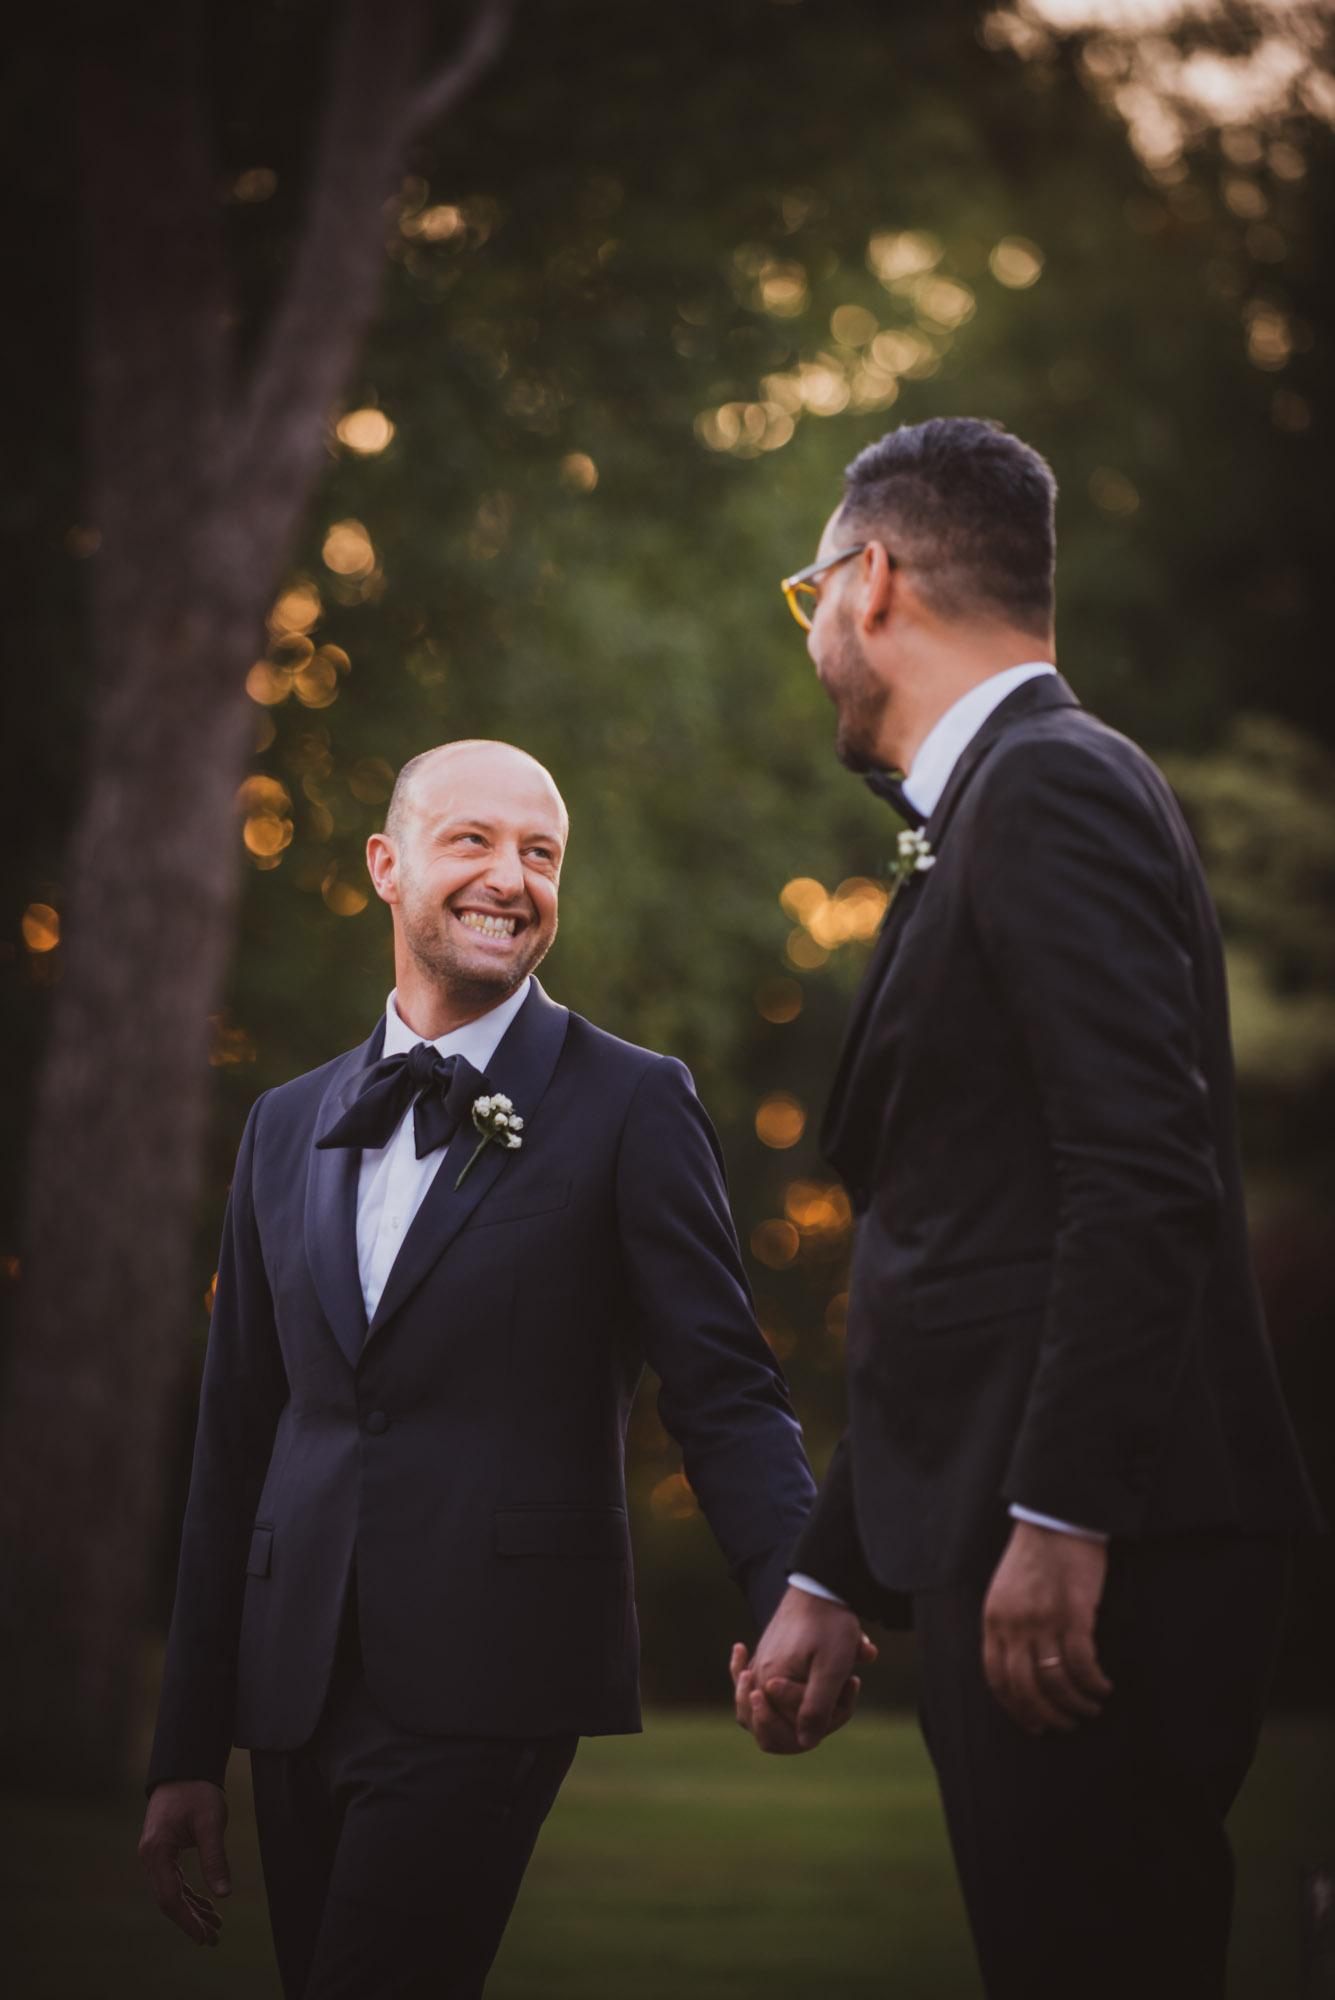 villa elda nepi – loretifoto – reportage matrimonio – fotografo matrimonio roma-25